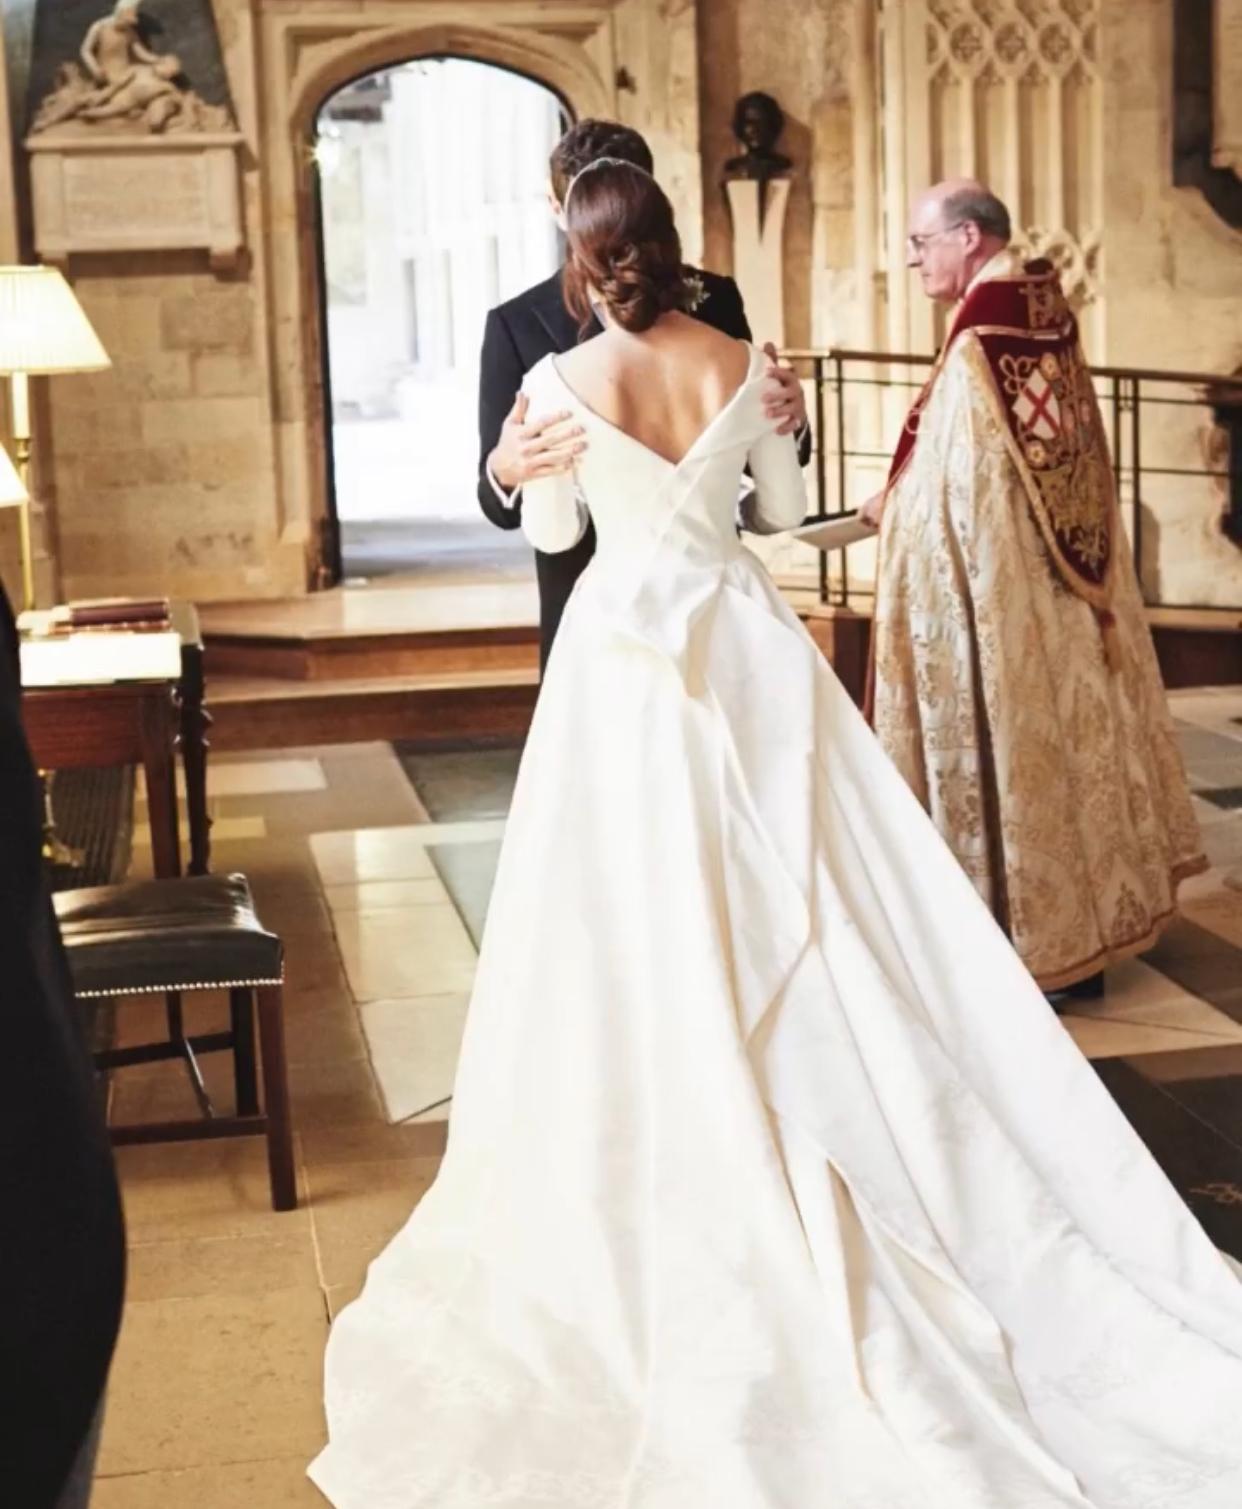 """""""Счастливые воспоминания"""": принцесса Евгения поделилась новыми снимками со своей свадьбы (ФОТО) - фото №2"""